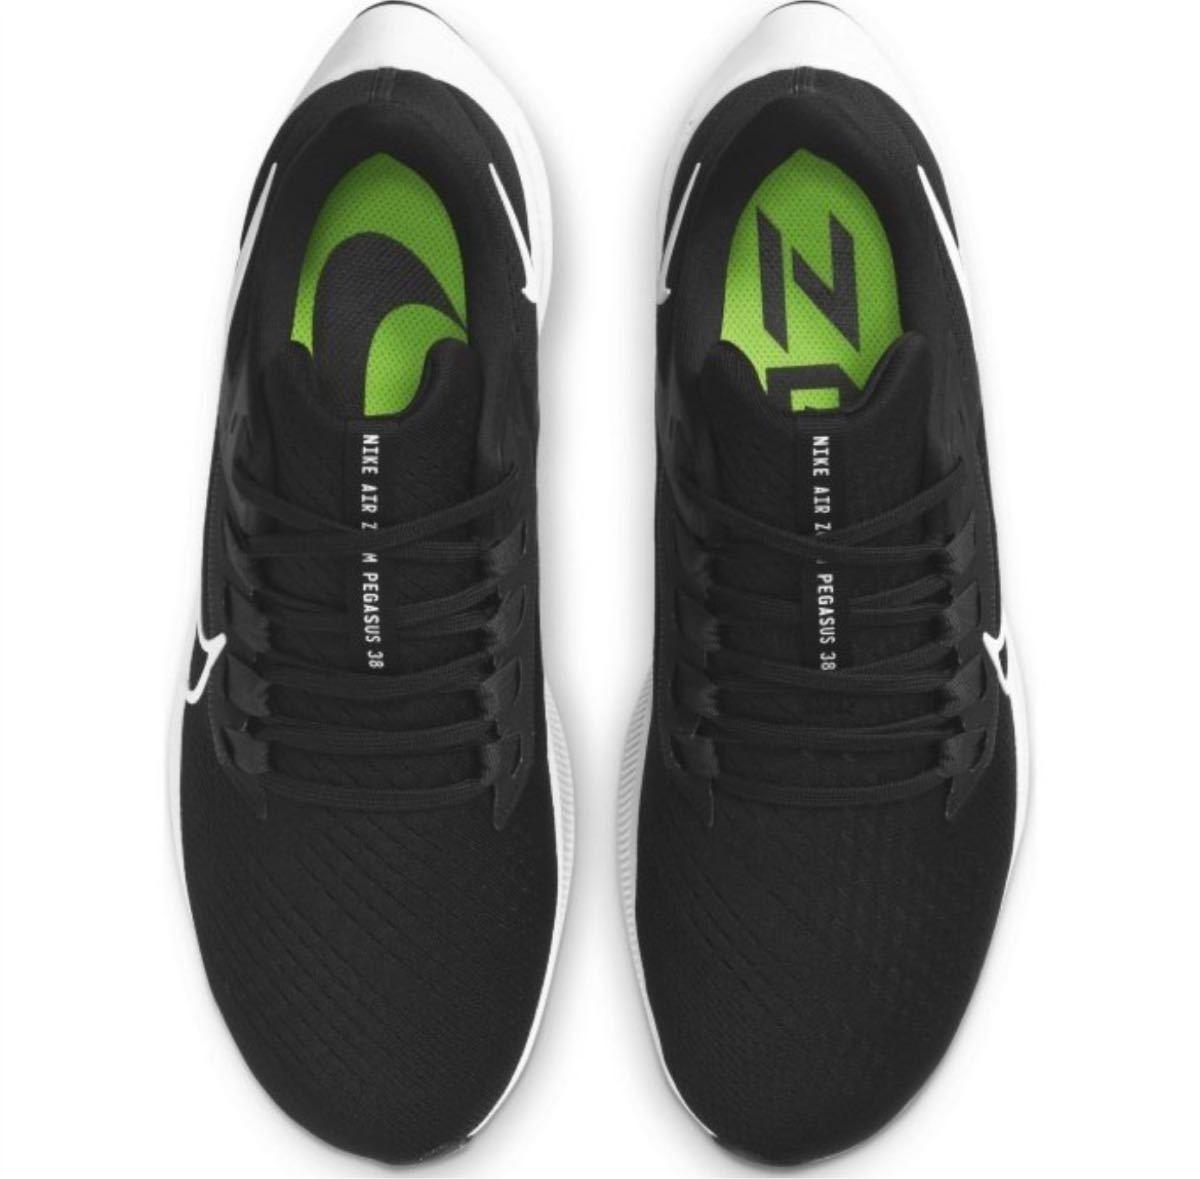 新品正規品 ナイキ ランニングシューズ メンズ エア ズーム ペガサス 38 CW7356-002 NIKE ブラック26.5cm